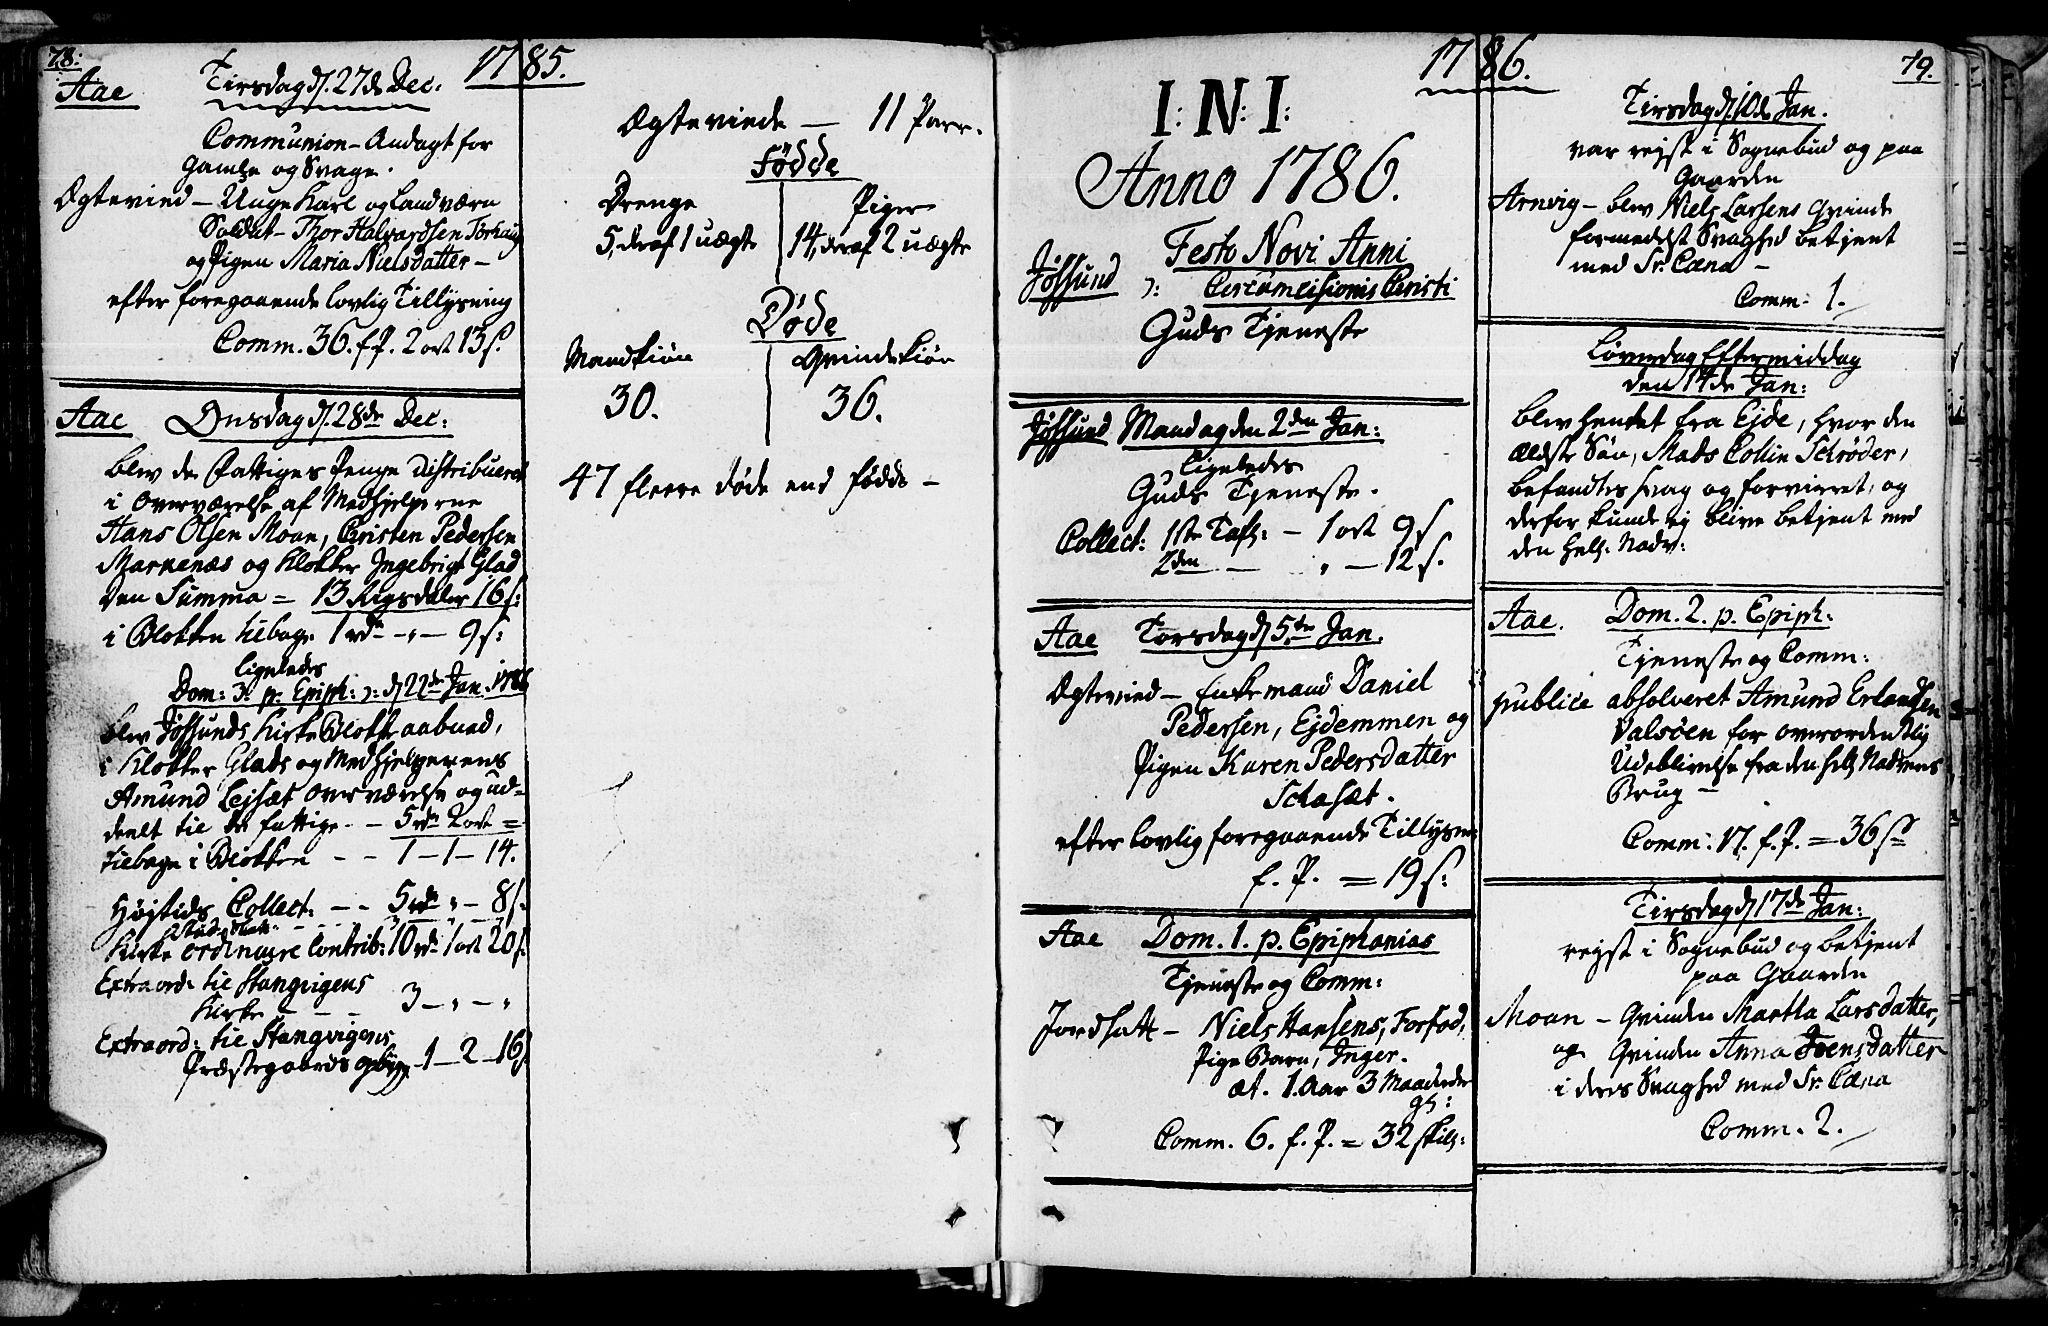 SAT, Ministerialprotokoller, klokkerbøker og fødselsregistre - Sør-Trøndelag, 655/L0673: Ministerialbok nr. 655A02, 1780-1801, s. 78-79